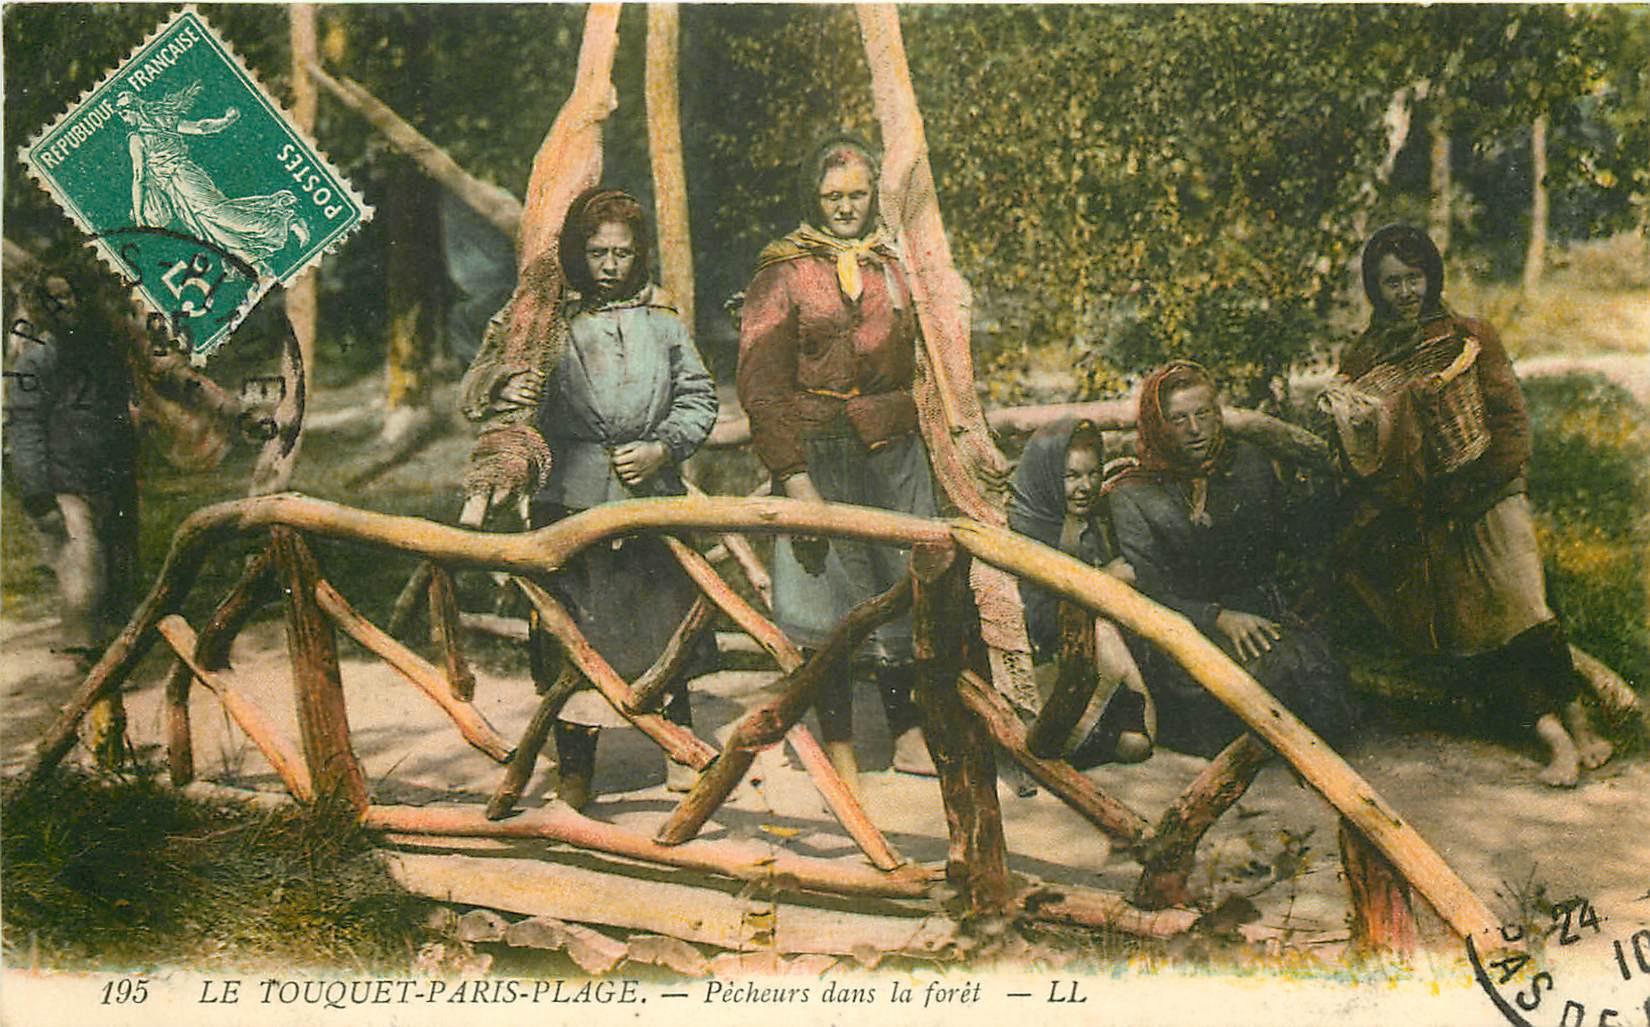 WW 62 LE TOUQUET PARIS-PLAGE. Pêcheuses de Crevettes dans la Forêt 1910